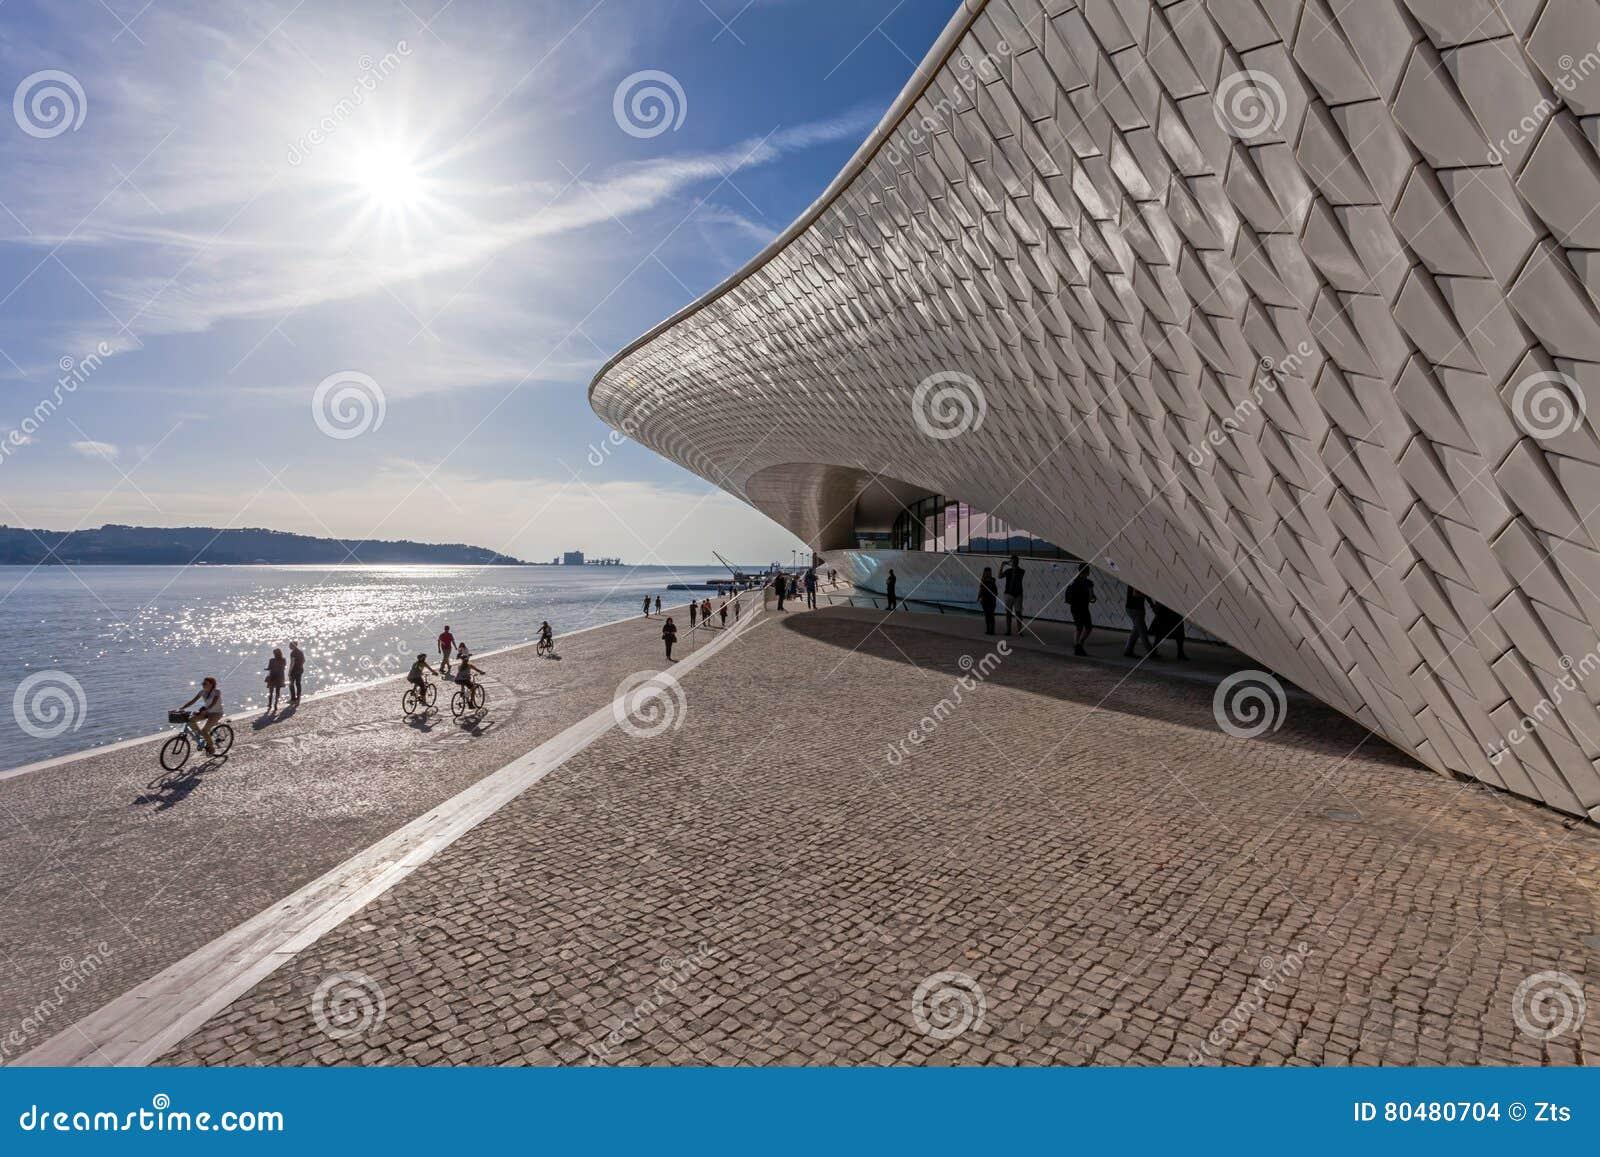 MAAT - Musée d Art, architecture et technologie